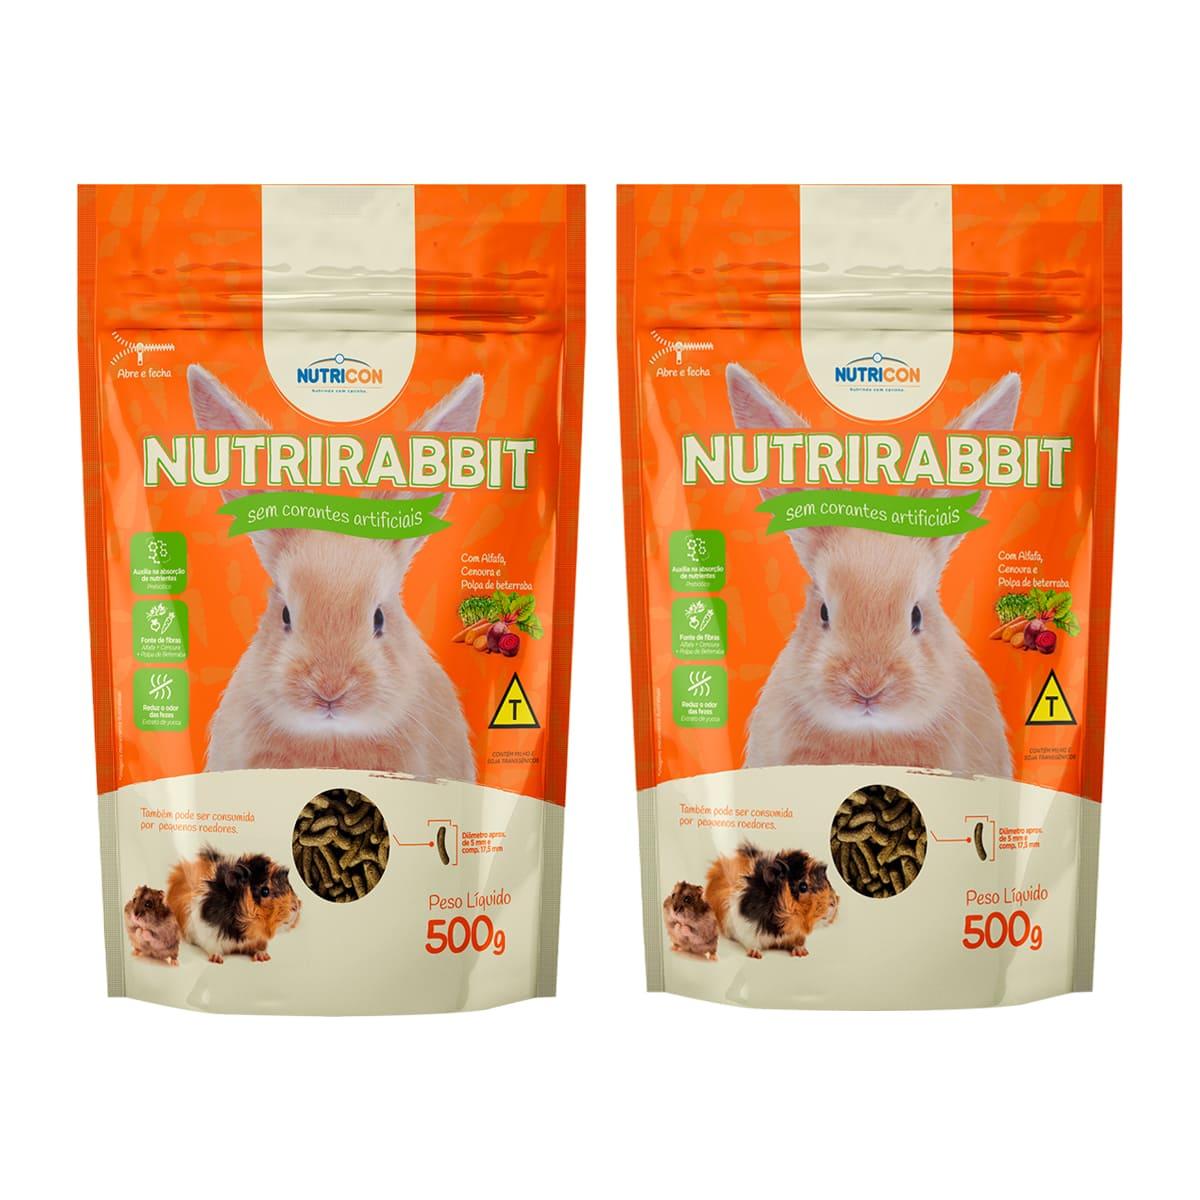 Ração para Coelhos Nutricon Nutrirabbit - 1kg Roedores Pequenos